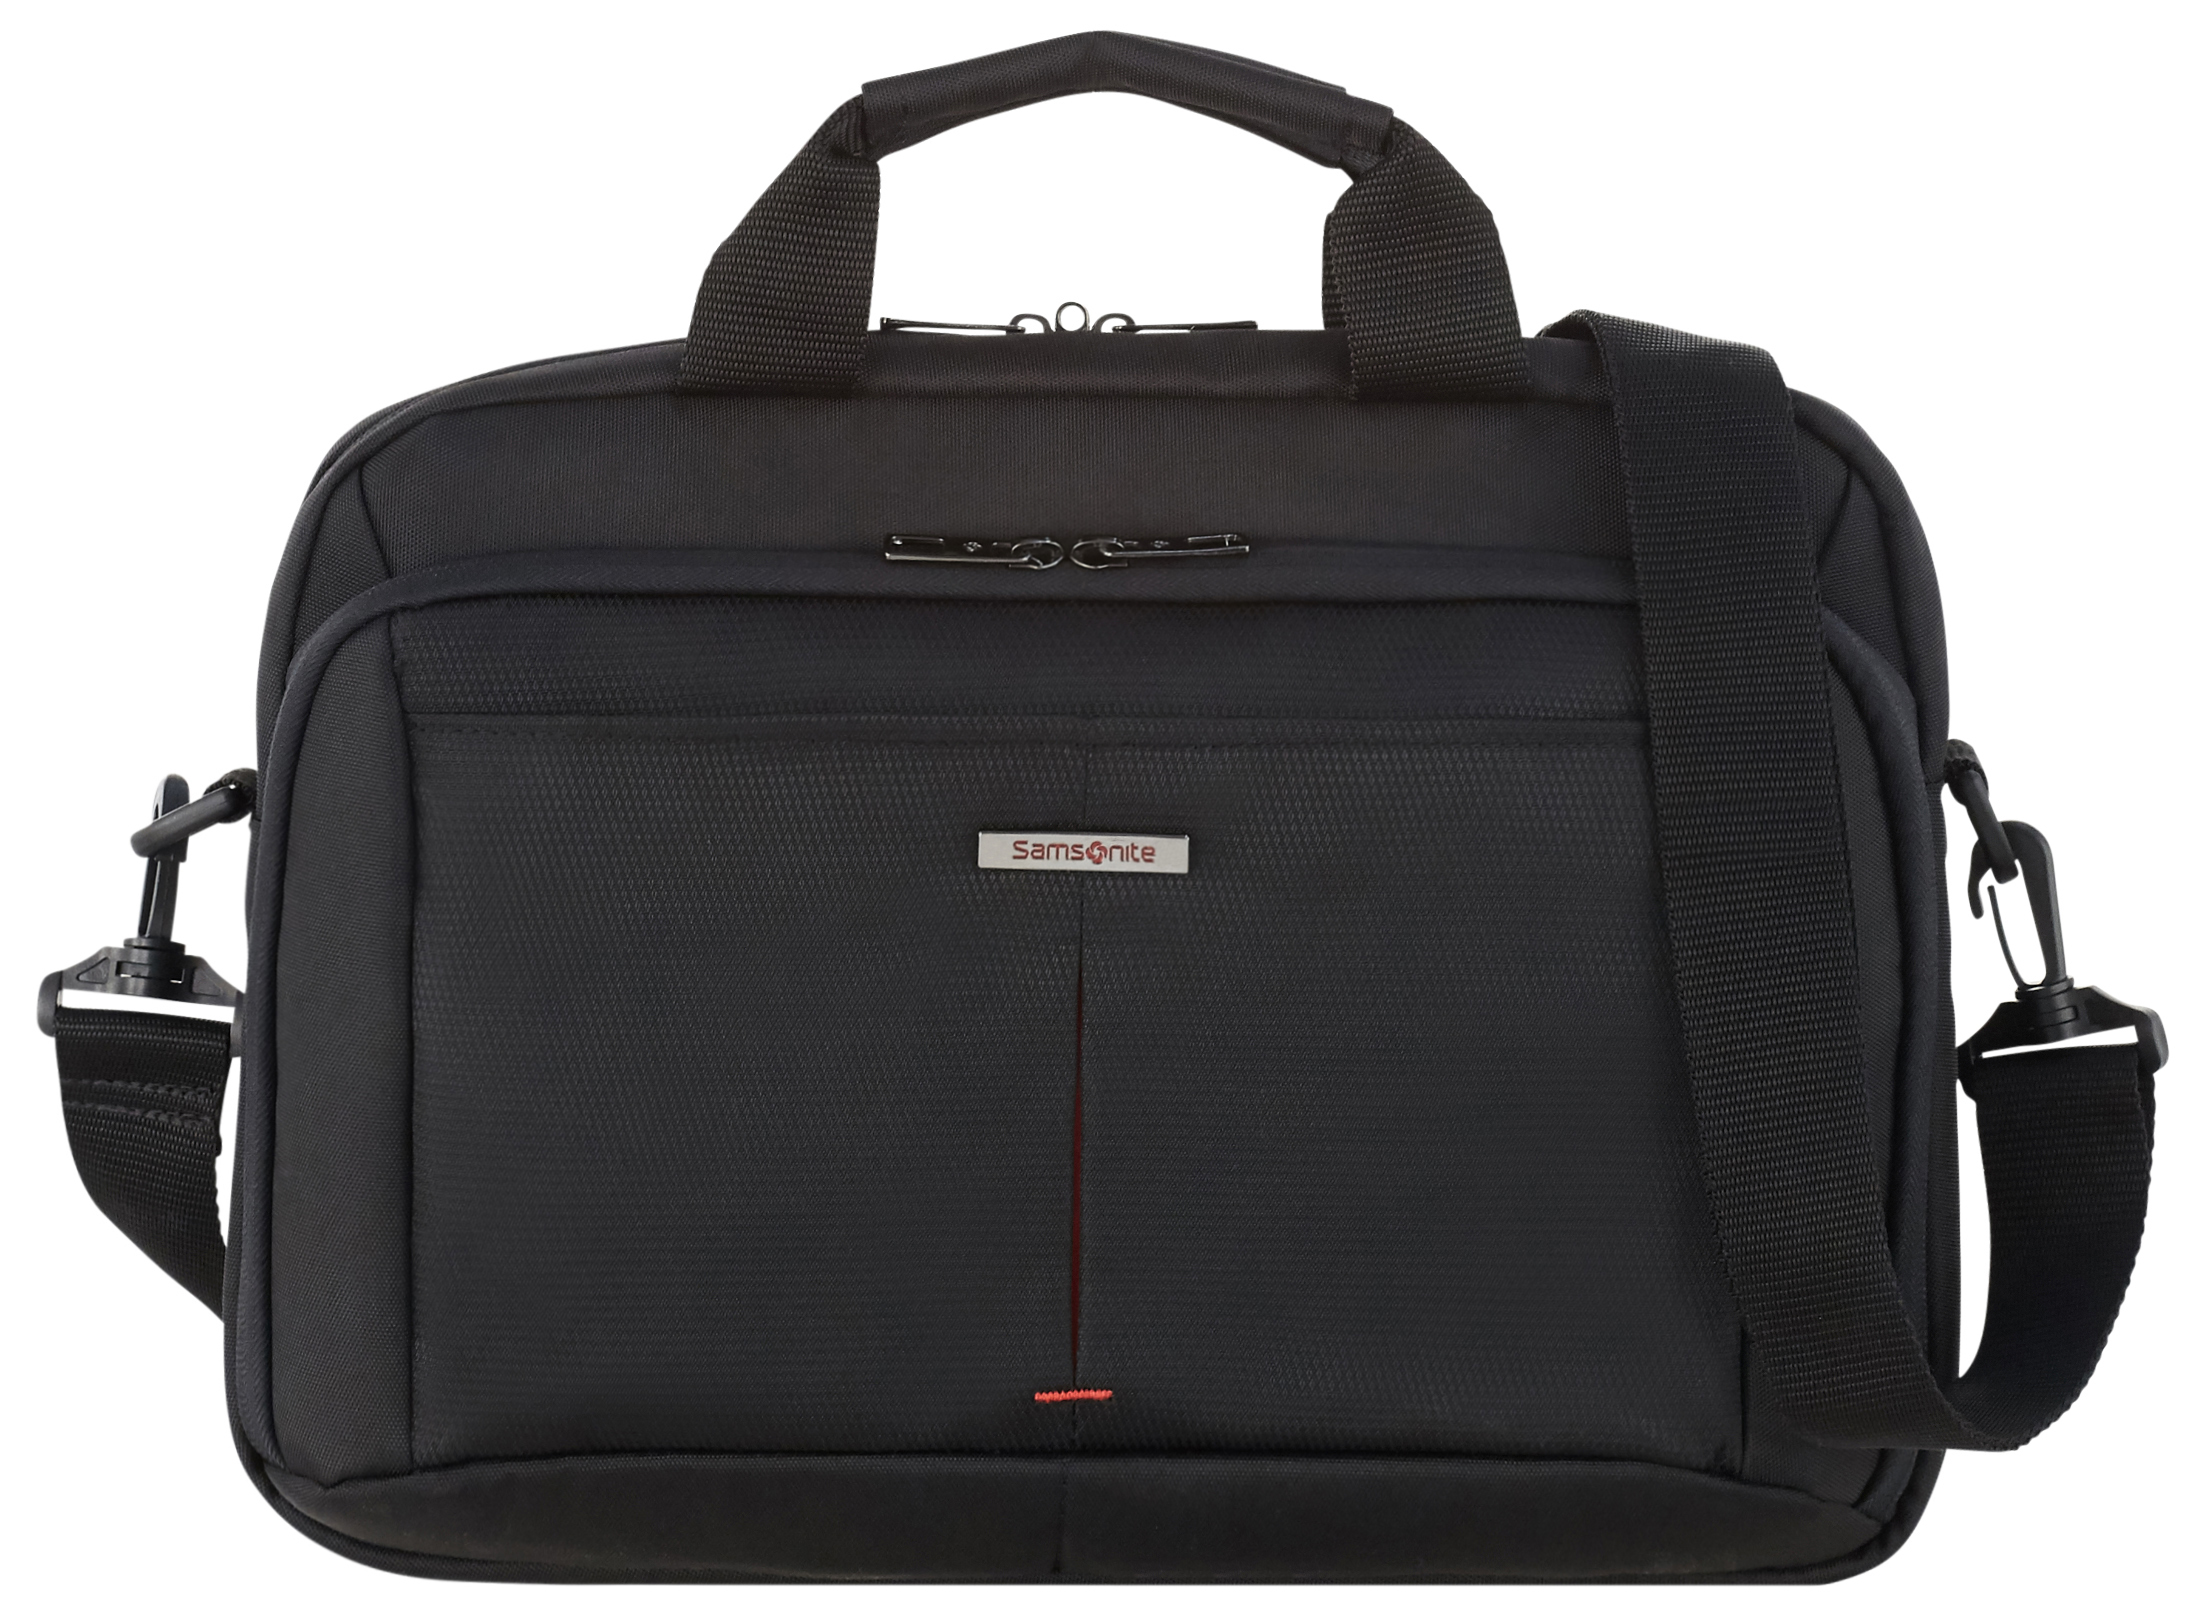 Torba na laptopa SAMSONITE Bailhandle Guardit 2.0 13.3 cali Czarny DARMOWY TRANSPORT!